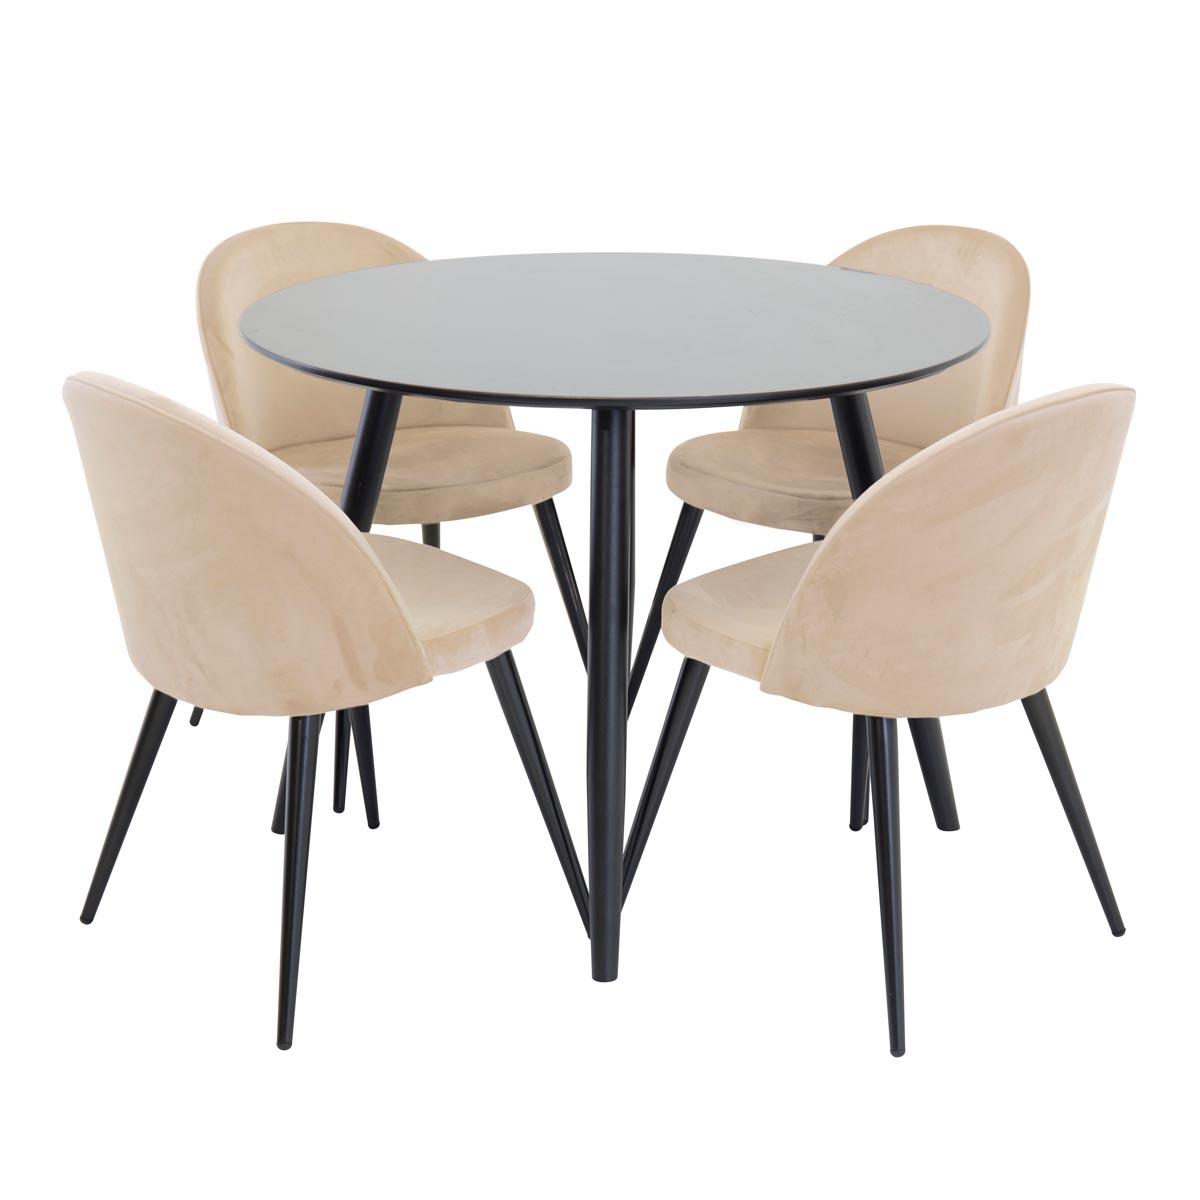 plaza-bord-svart+velvet-beige-sammet-17940-488+19924-880ny